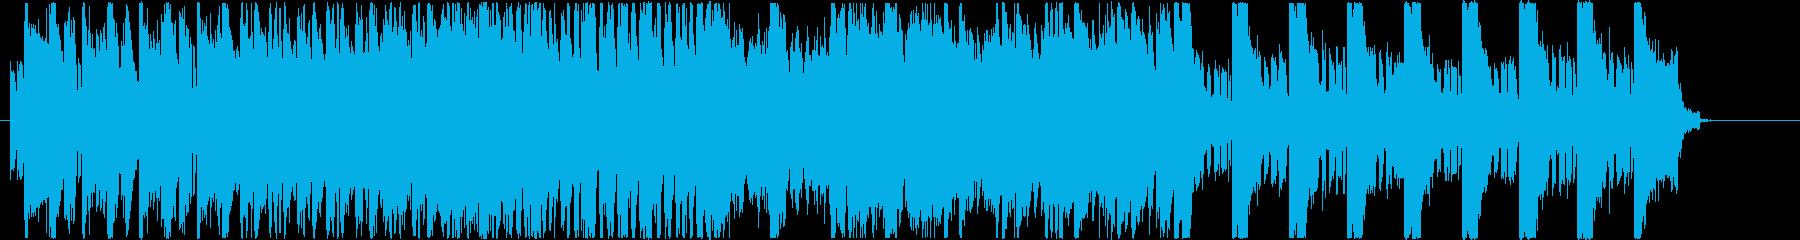 サイケデリックな楽曲です。の再生済みの波形